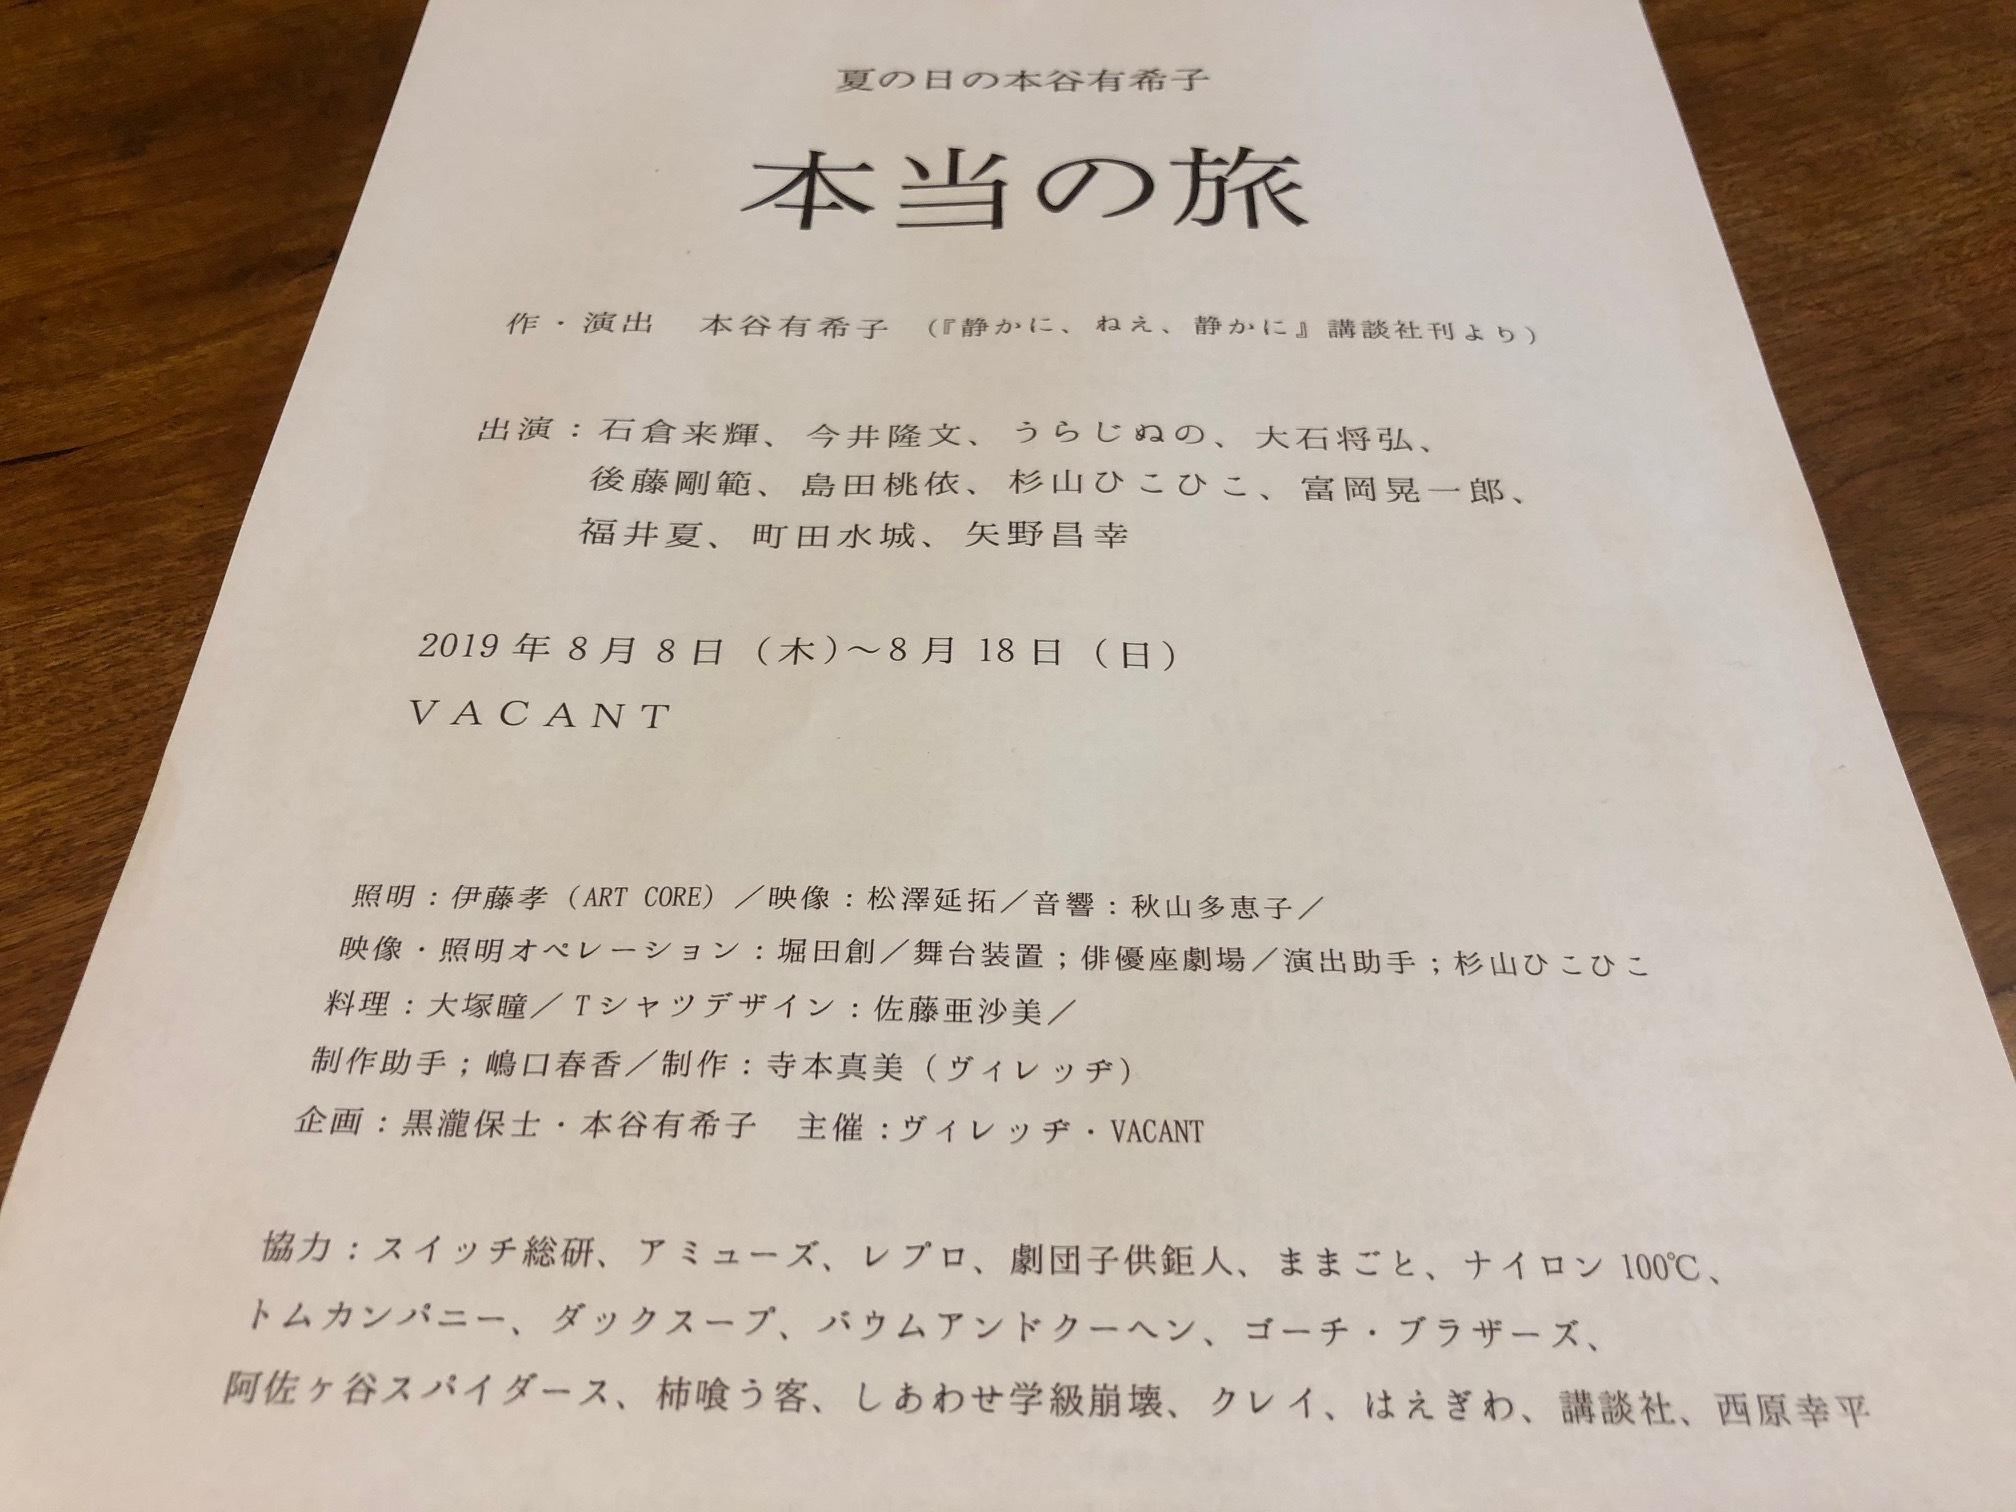 「本当の旅」夏の日の本谷有希子(@VACANT)_f0064203_09565994.jpg